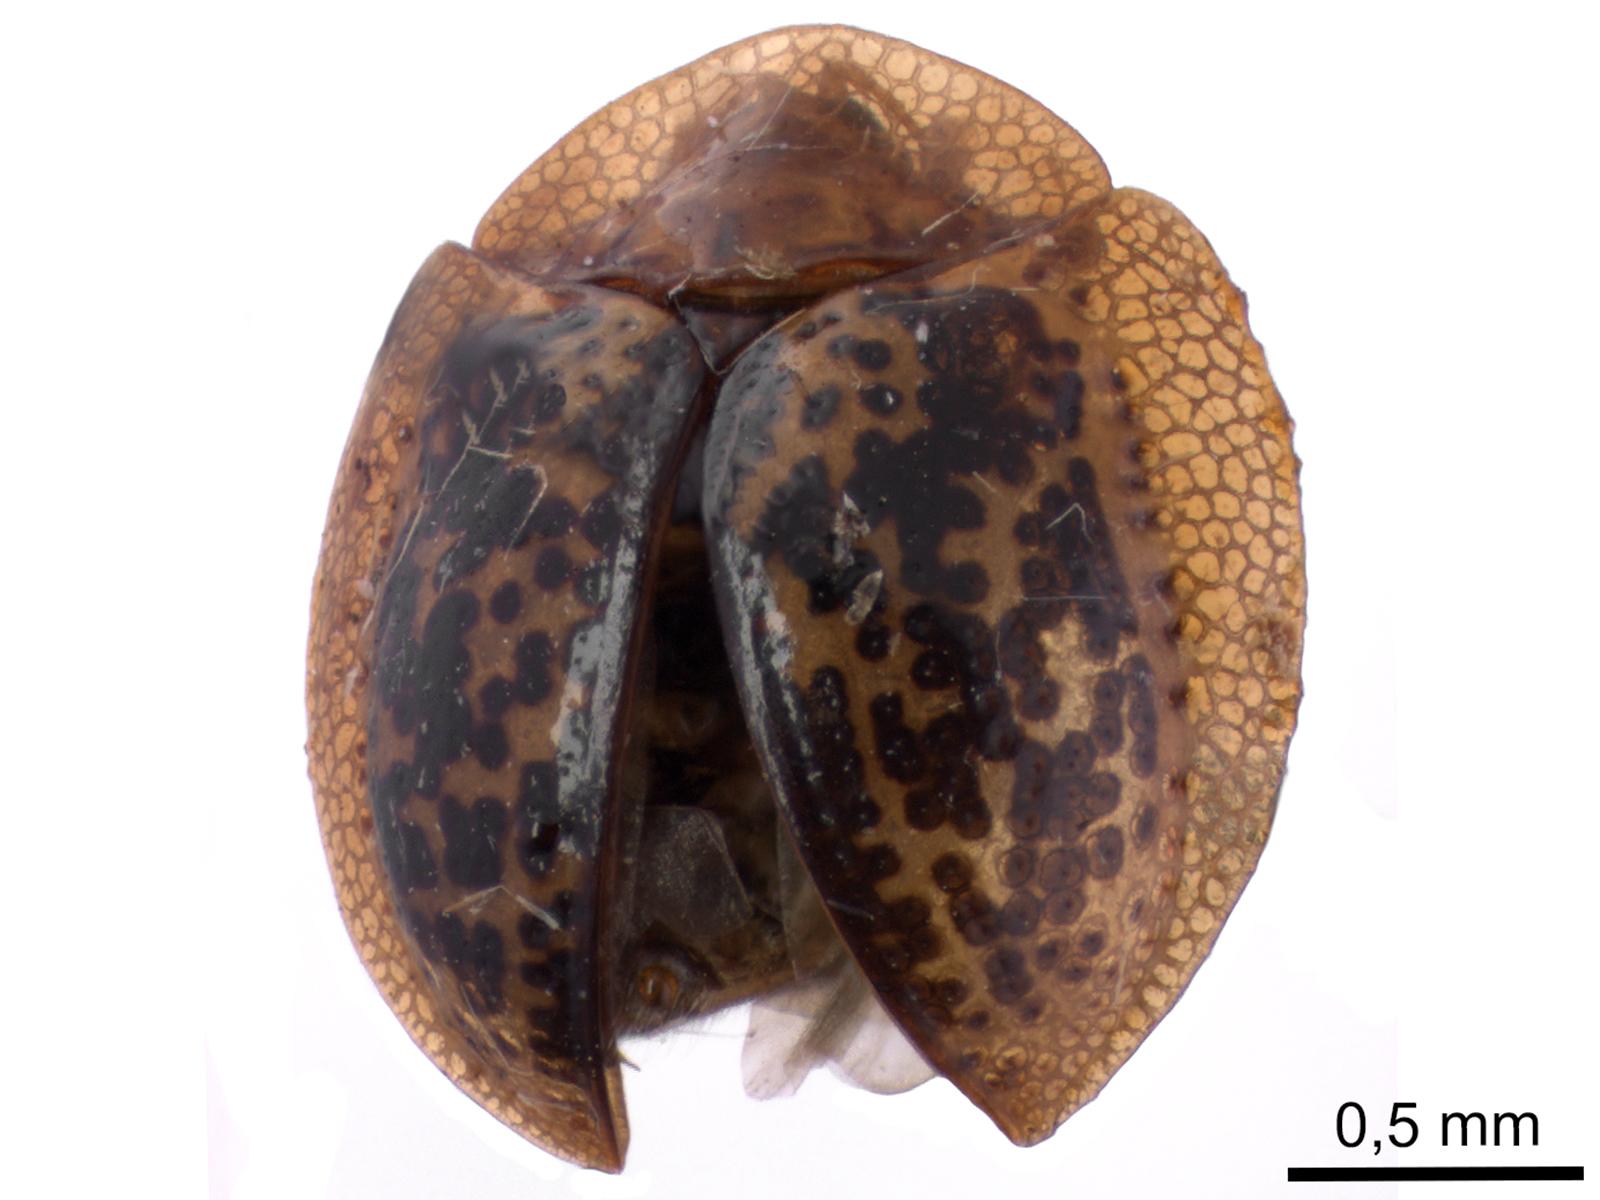 Agroiconota judaica(Fabricius, 1781)